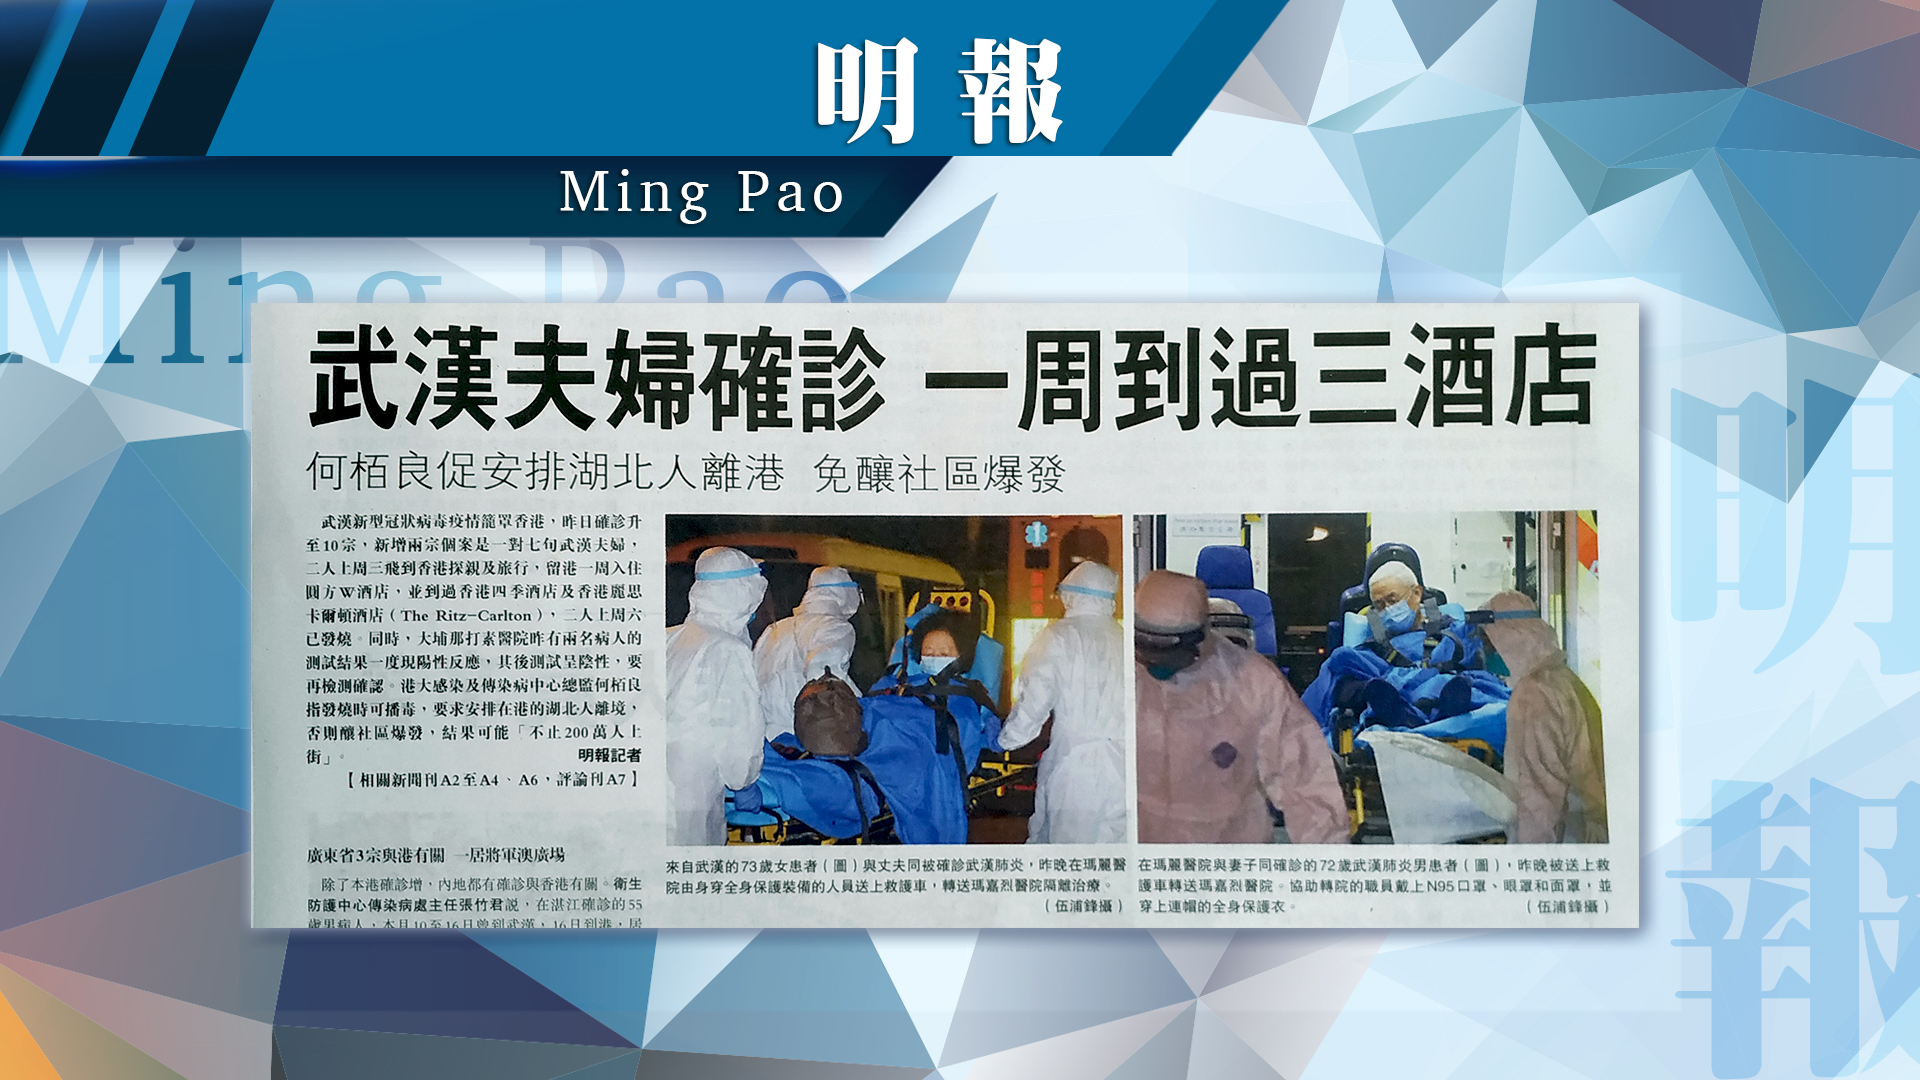 【報章A1速覽】武漢夫婦確診 一周到過三酒店;特區中央協調 確保口罩供港